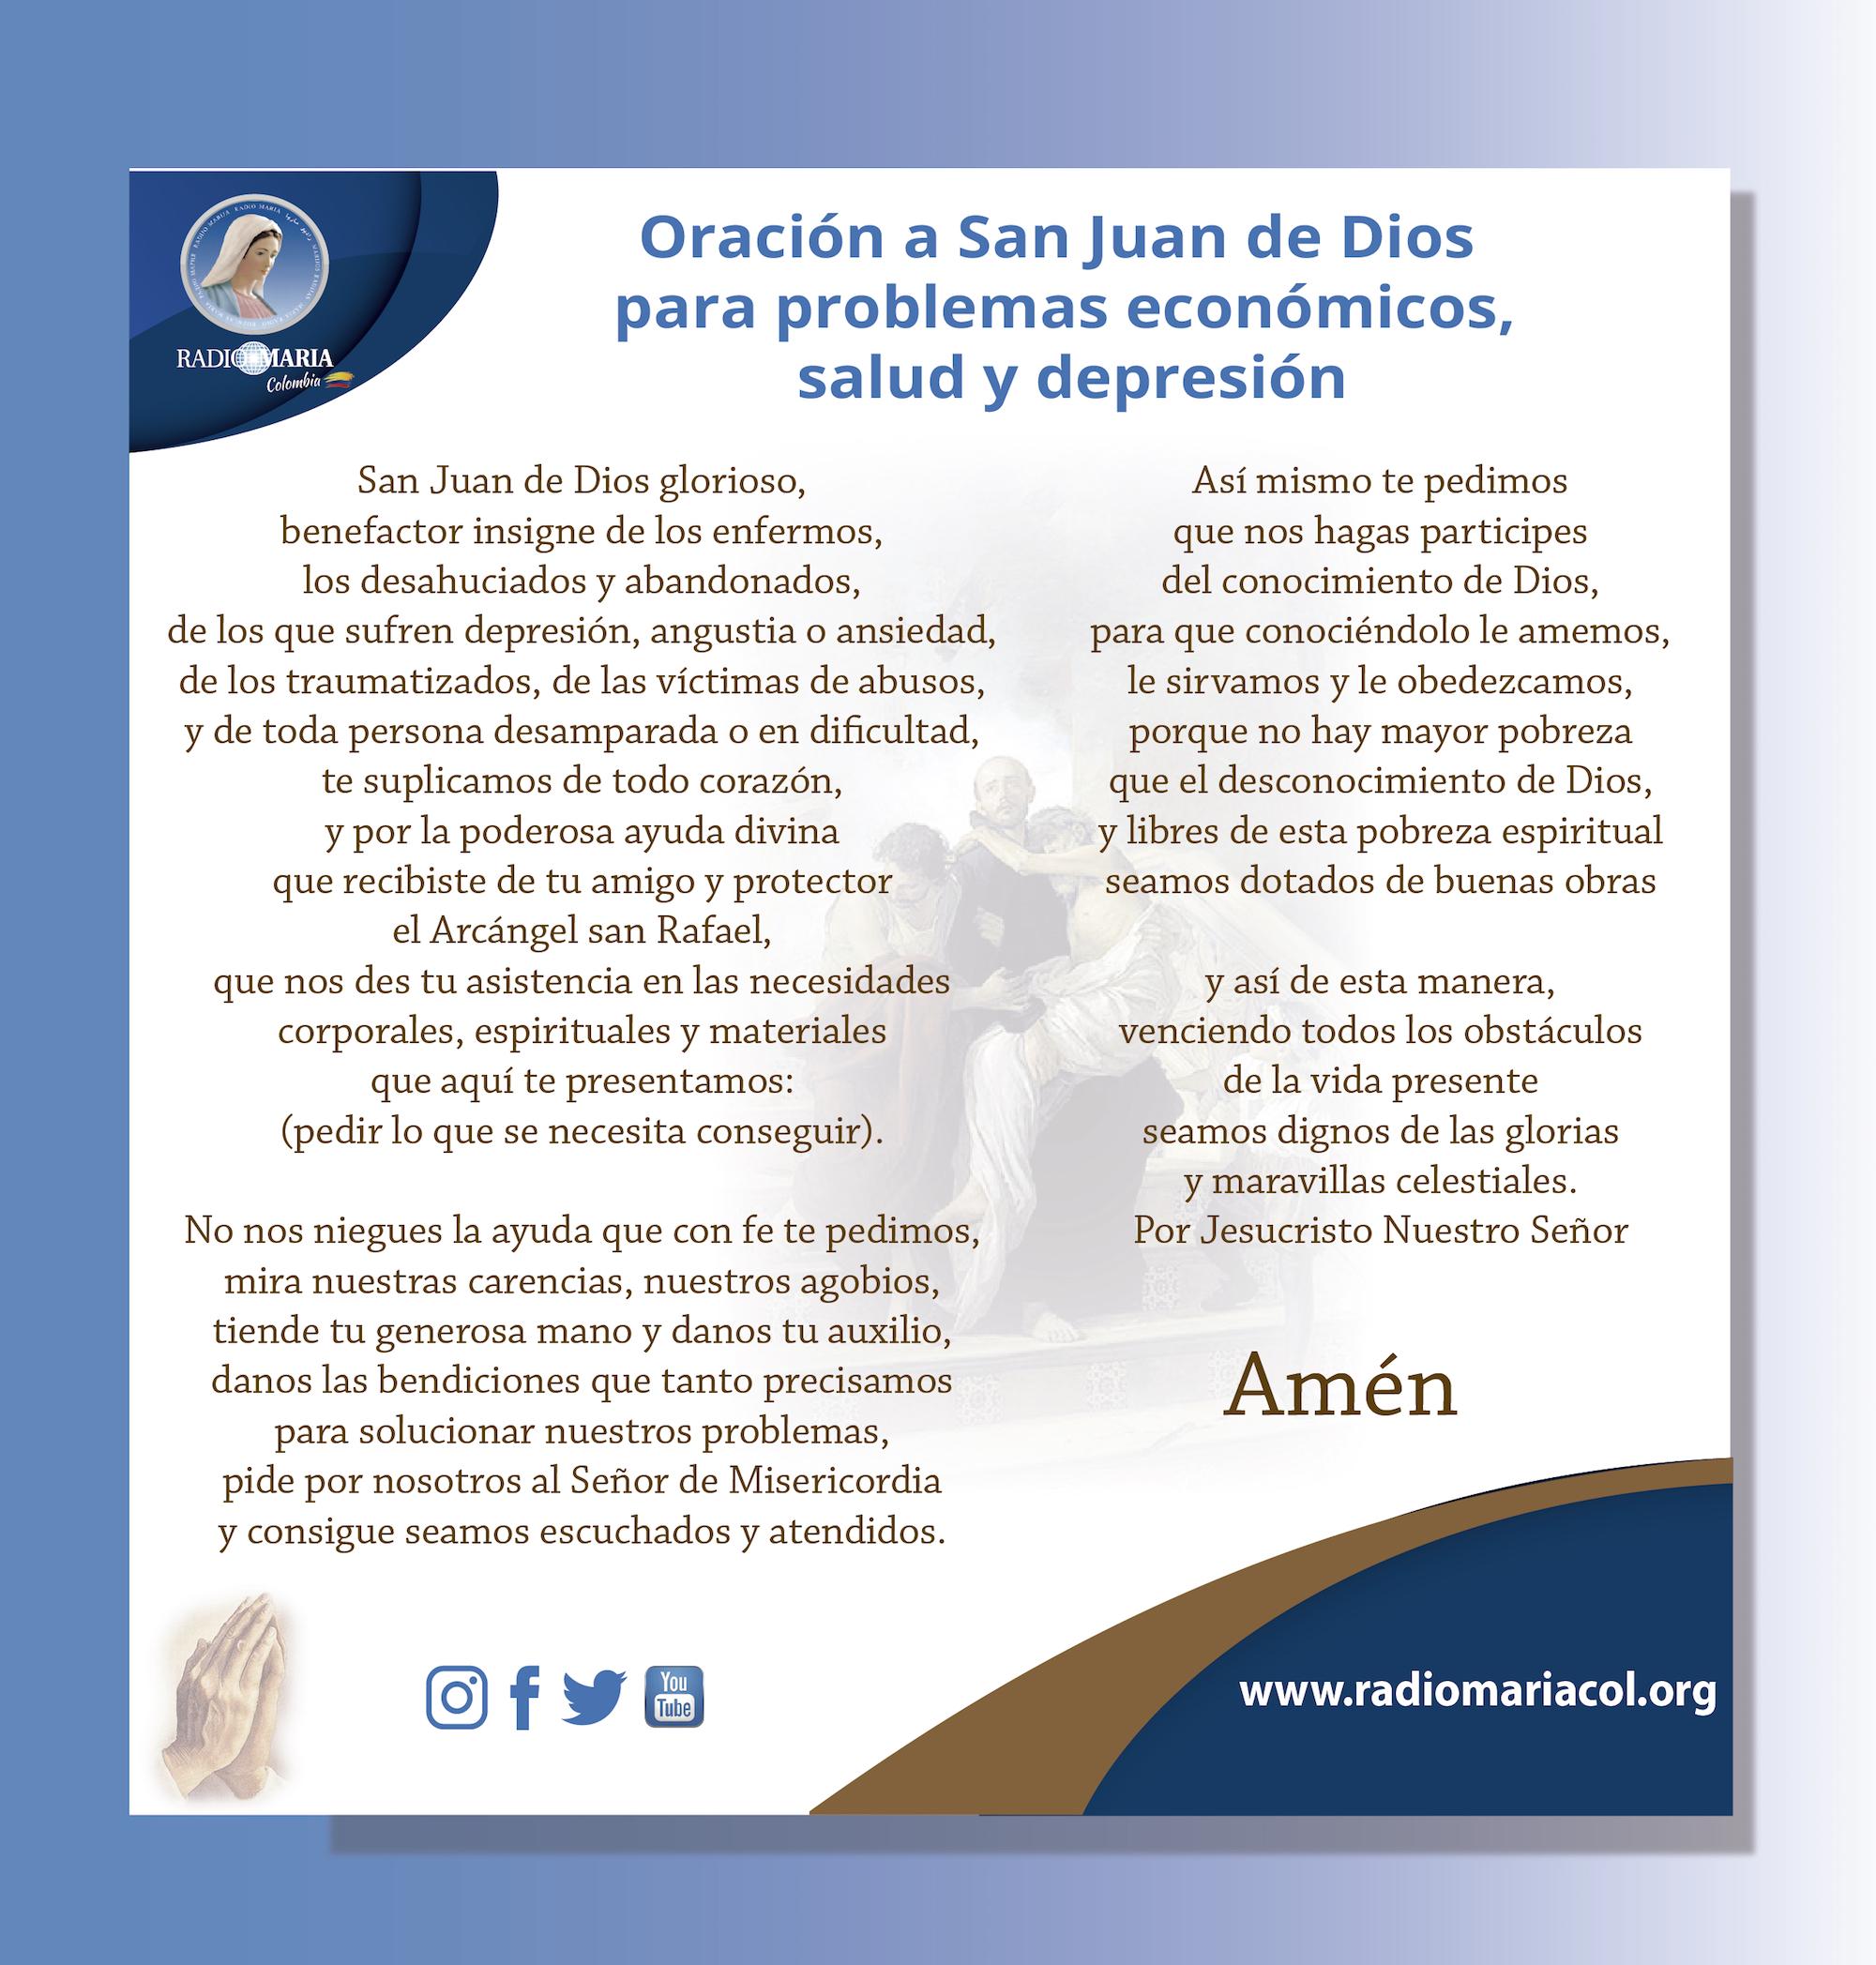 Oración a San Juan de Dios para problemas económicos, salud y depresión